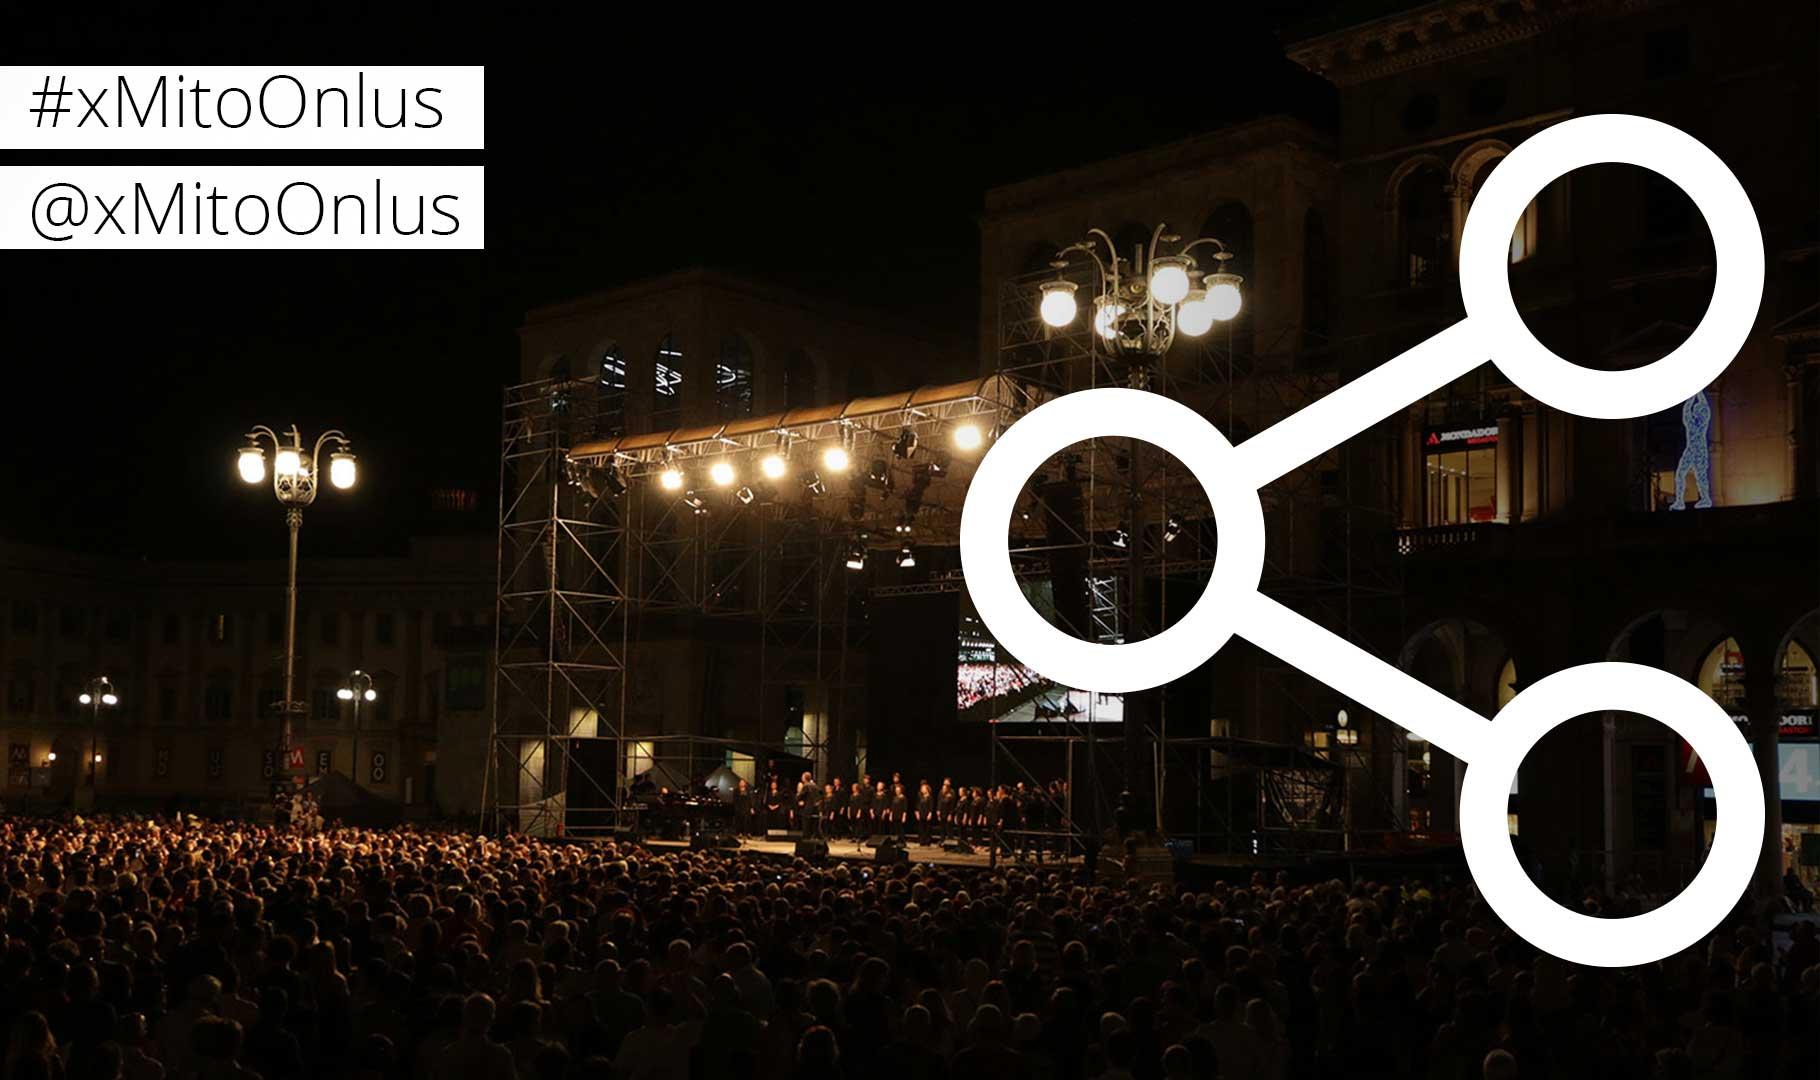 condividi foto e aggiornamenti in tempo reale del Festival MITO SettembreMusica con l'hashtag #xMitoOnlus